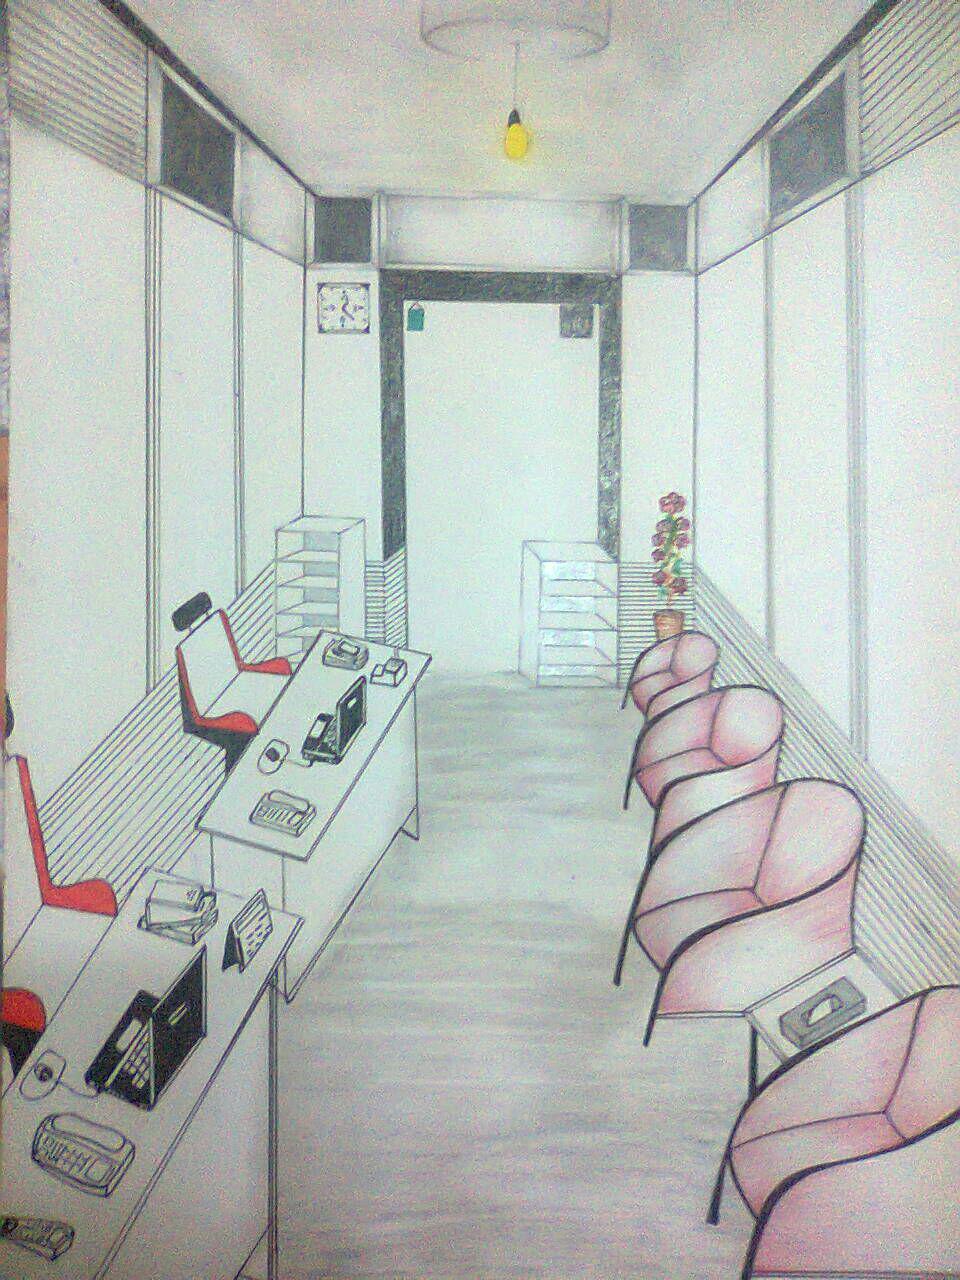 تصویر نقاشی شده ار اتاق پذیرش